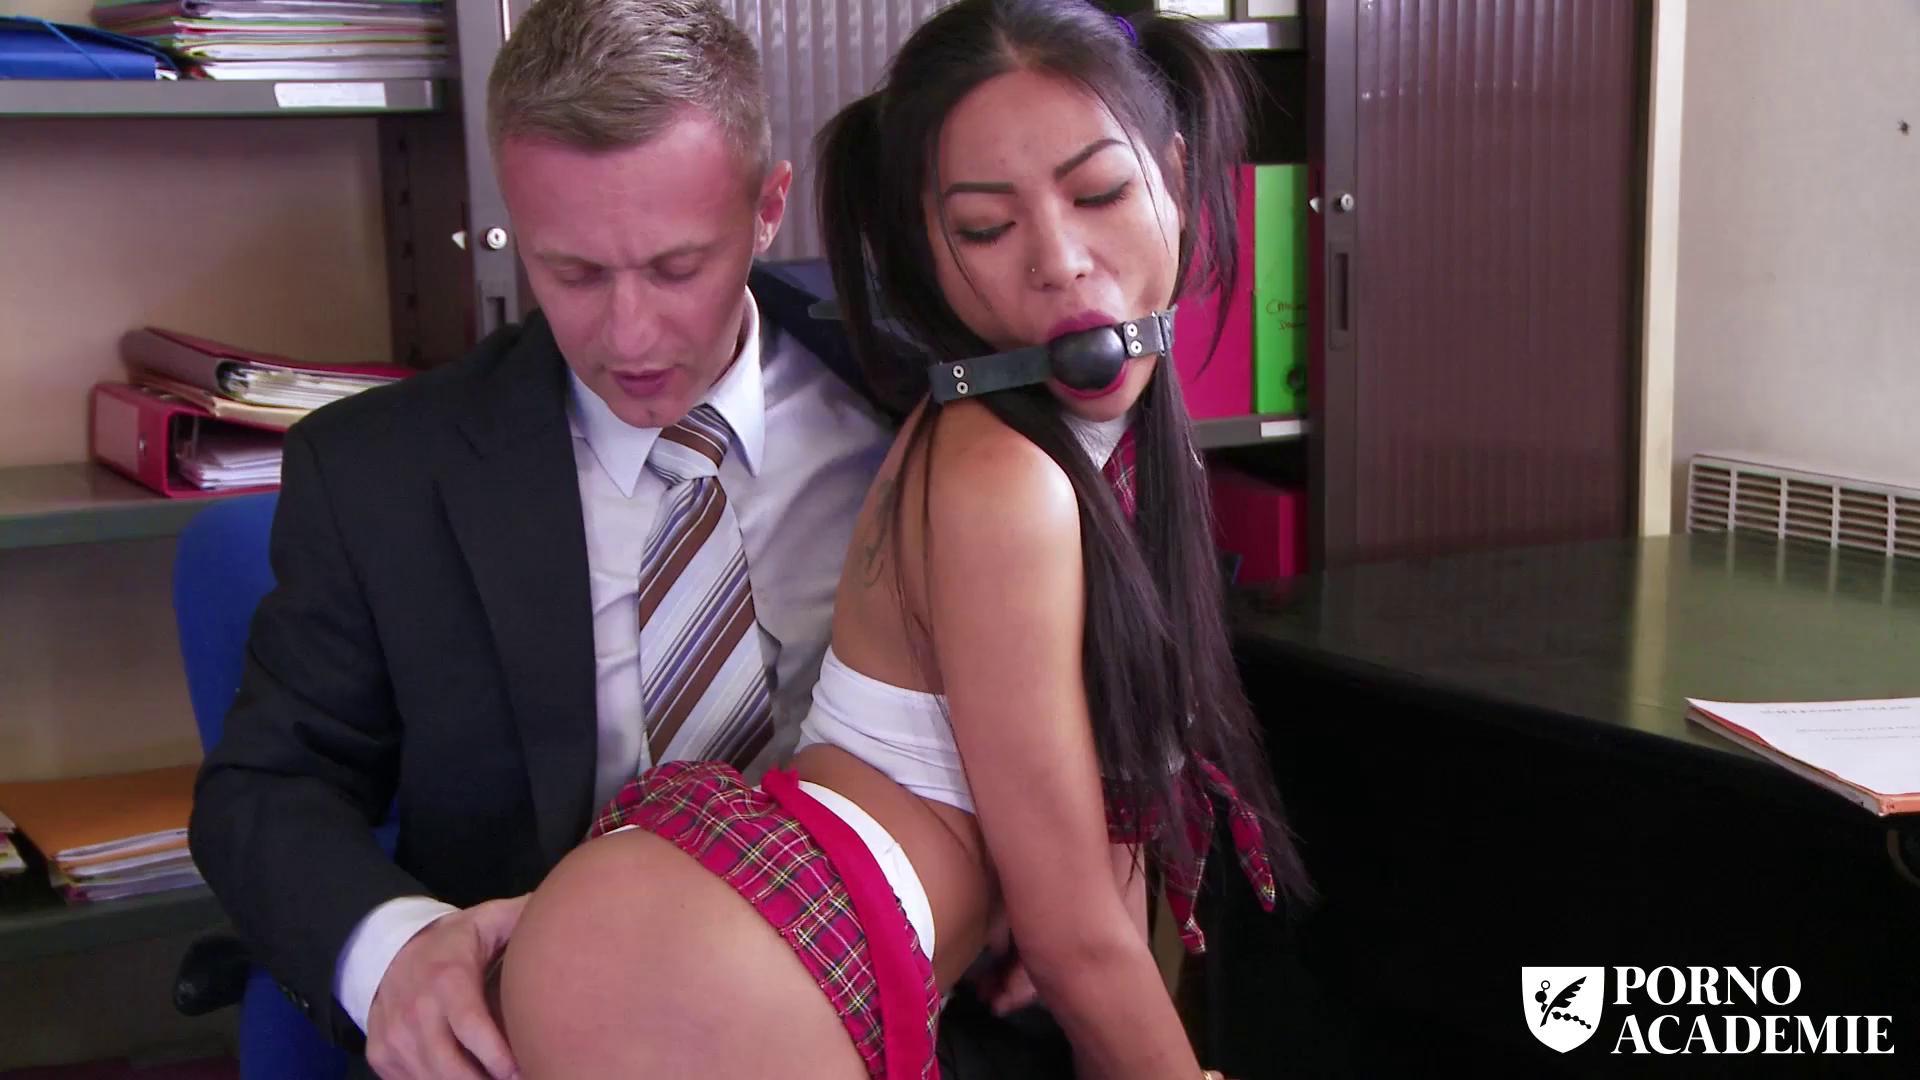 PornoAcademie – Poopea